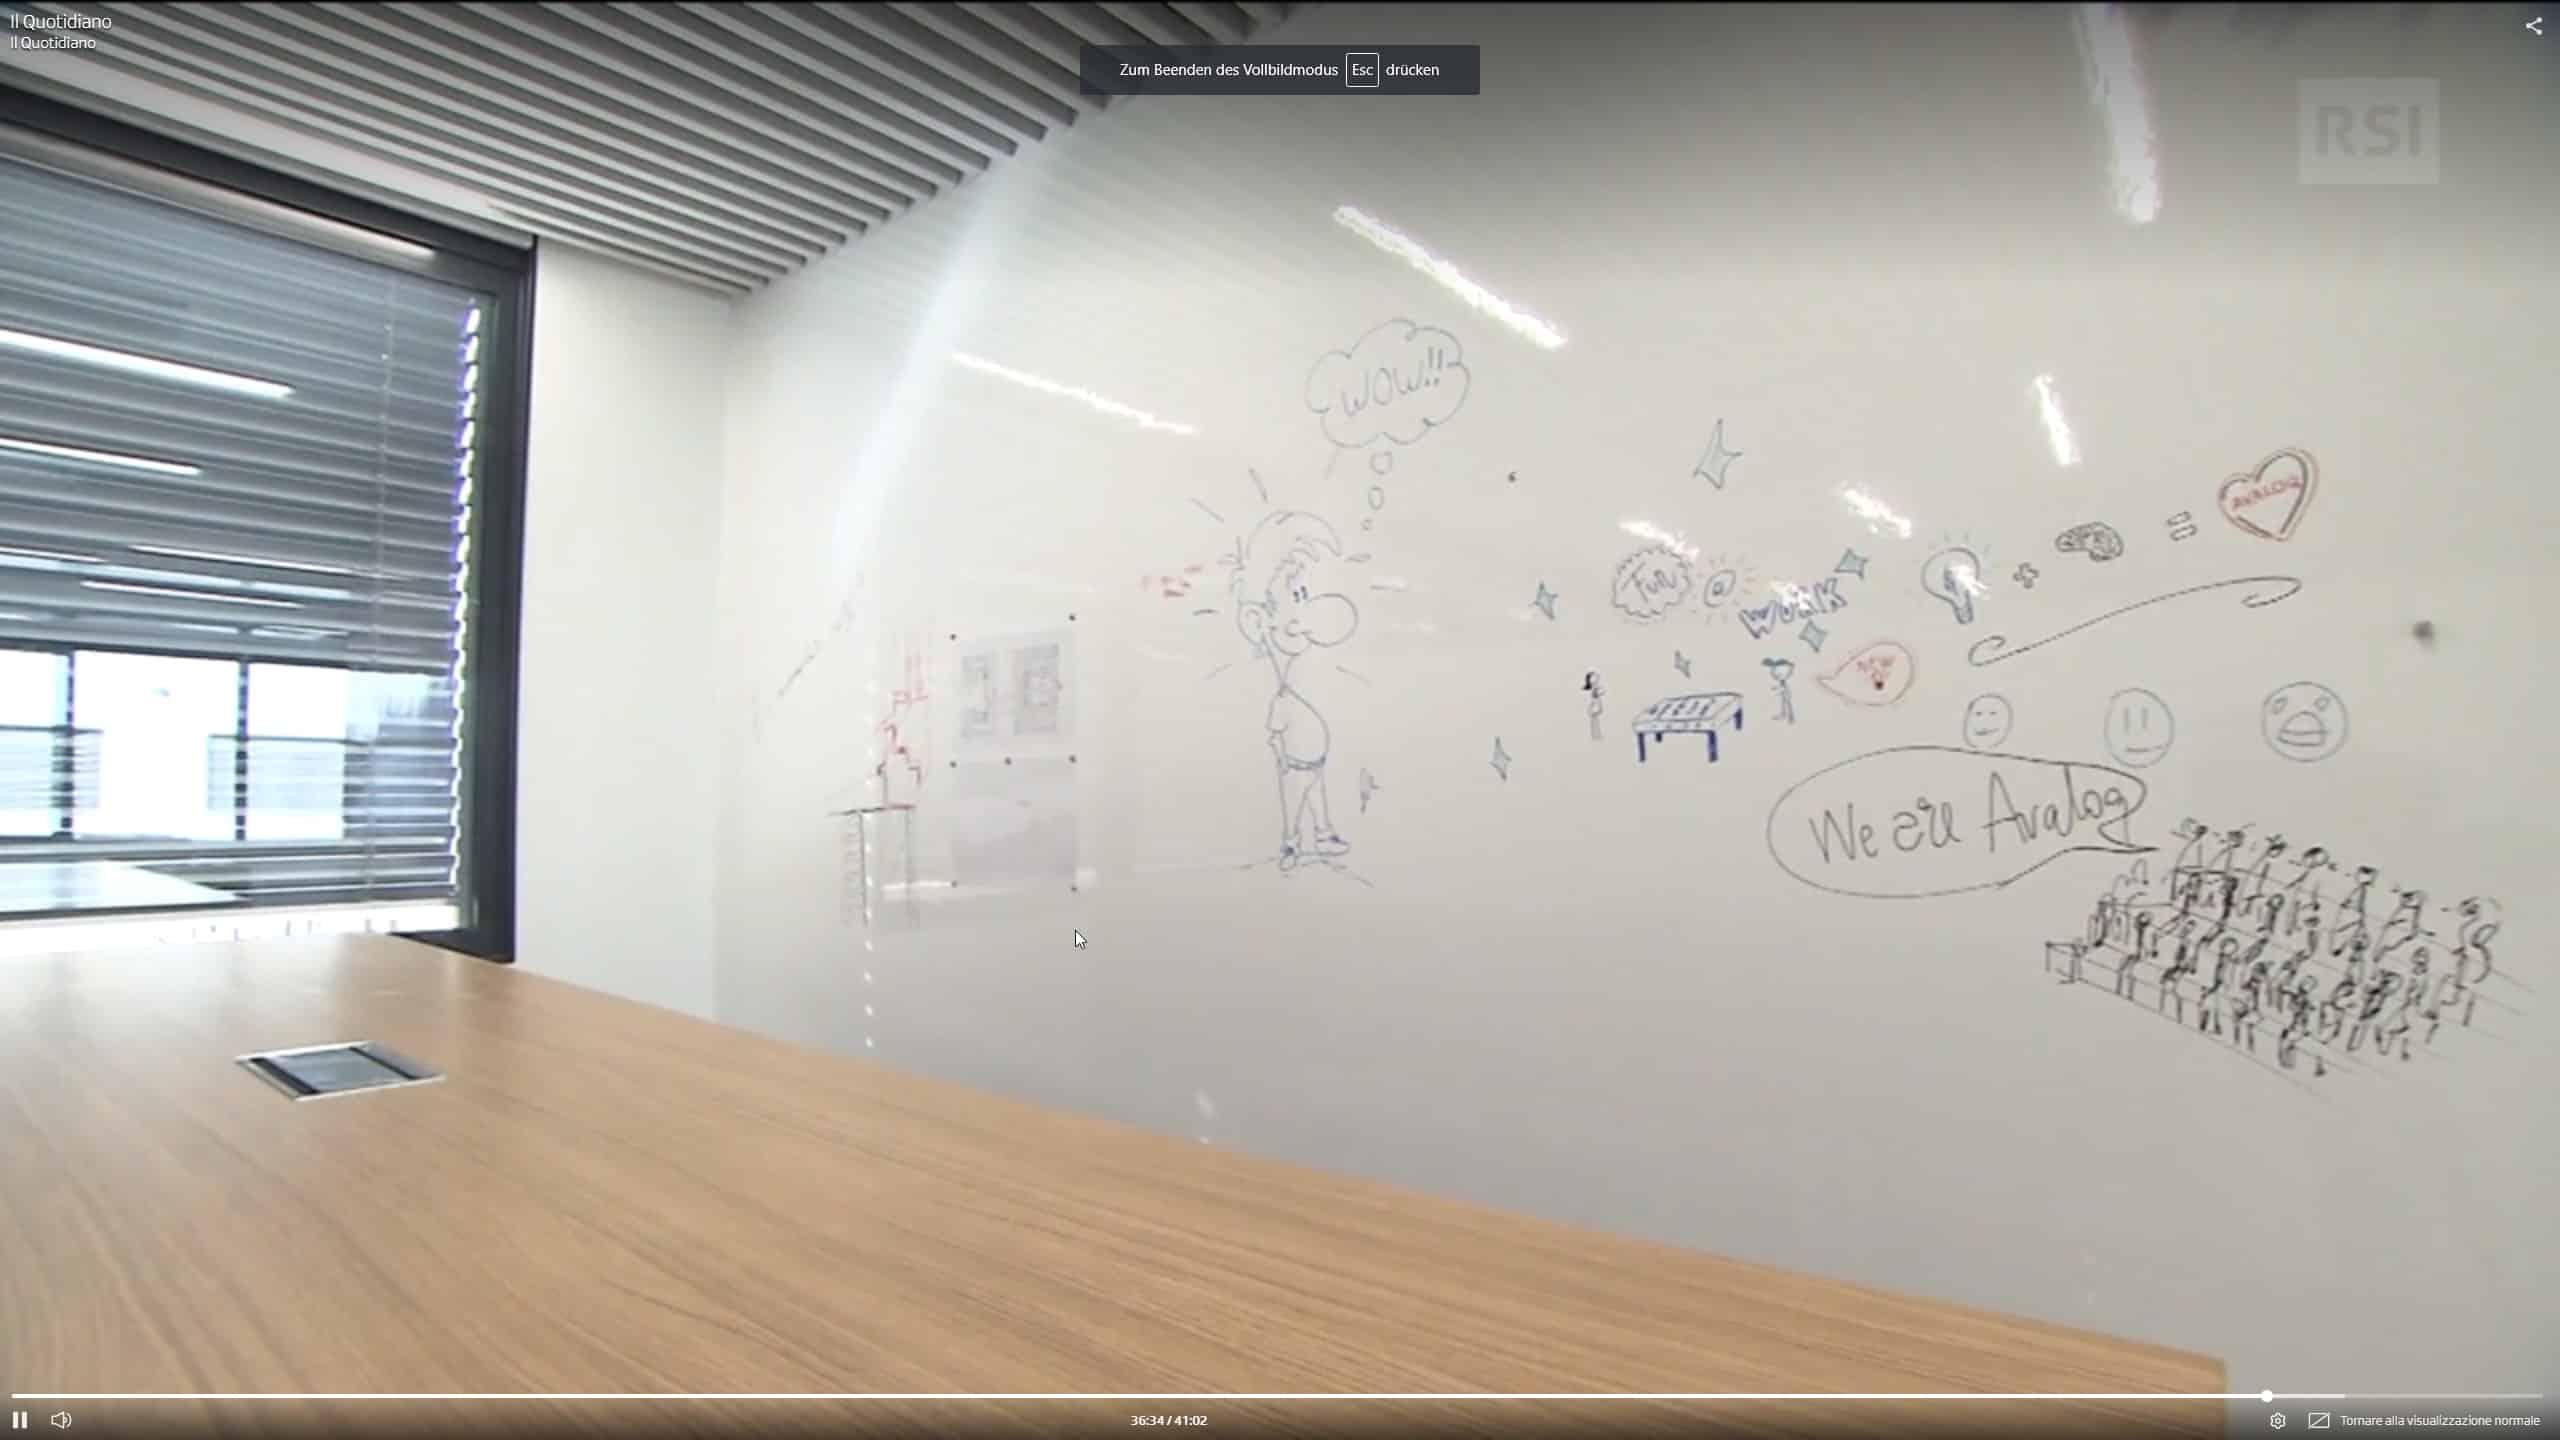 whiteboard-ganze-wadn-dein-maler